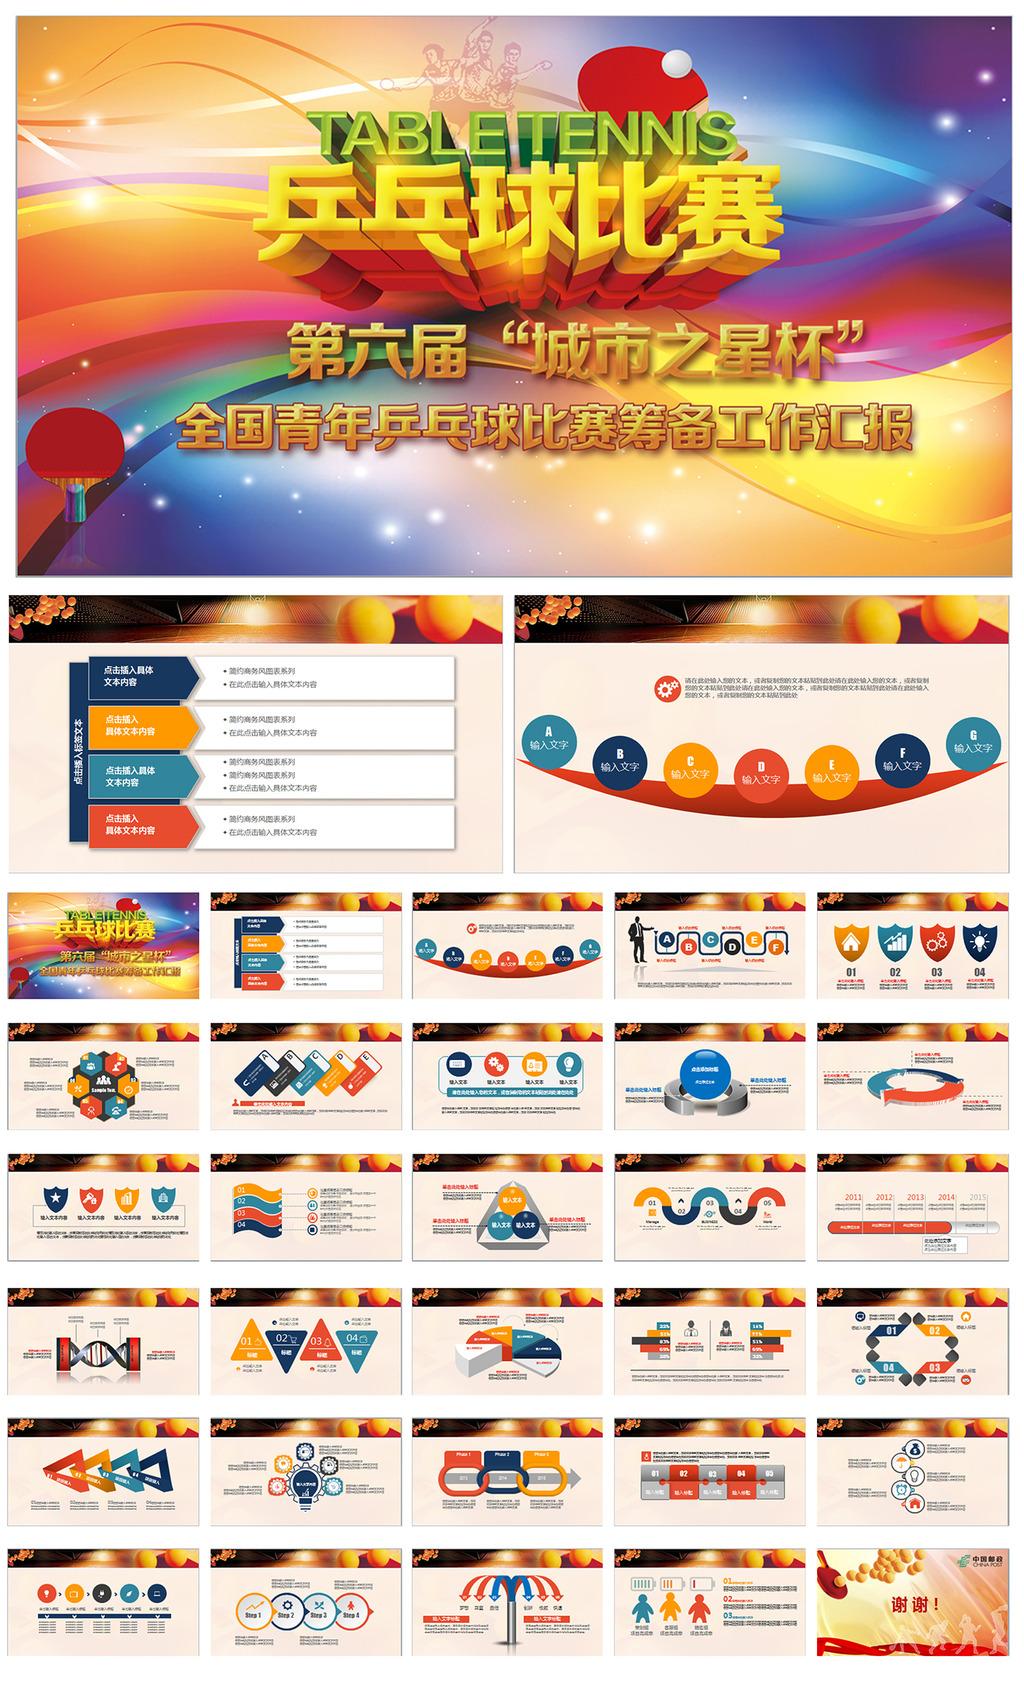 乒乓球比赛海报背景展板ppt模板